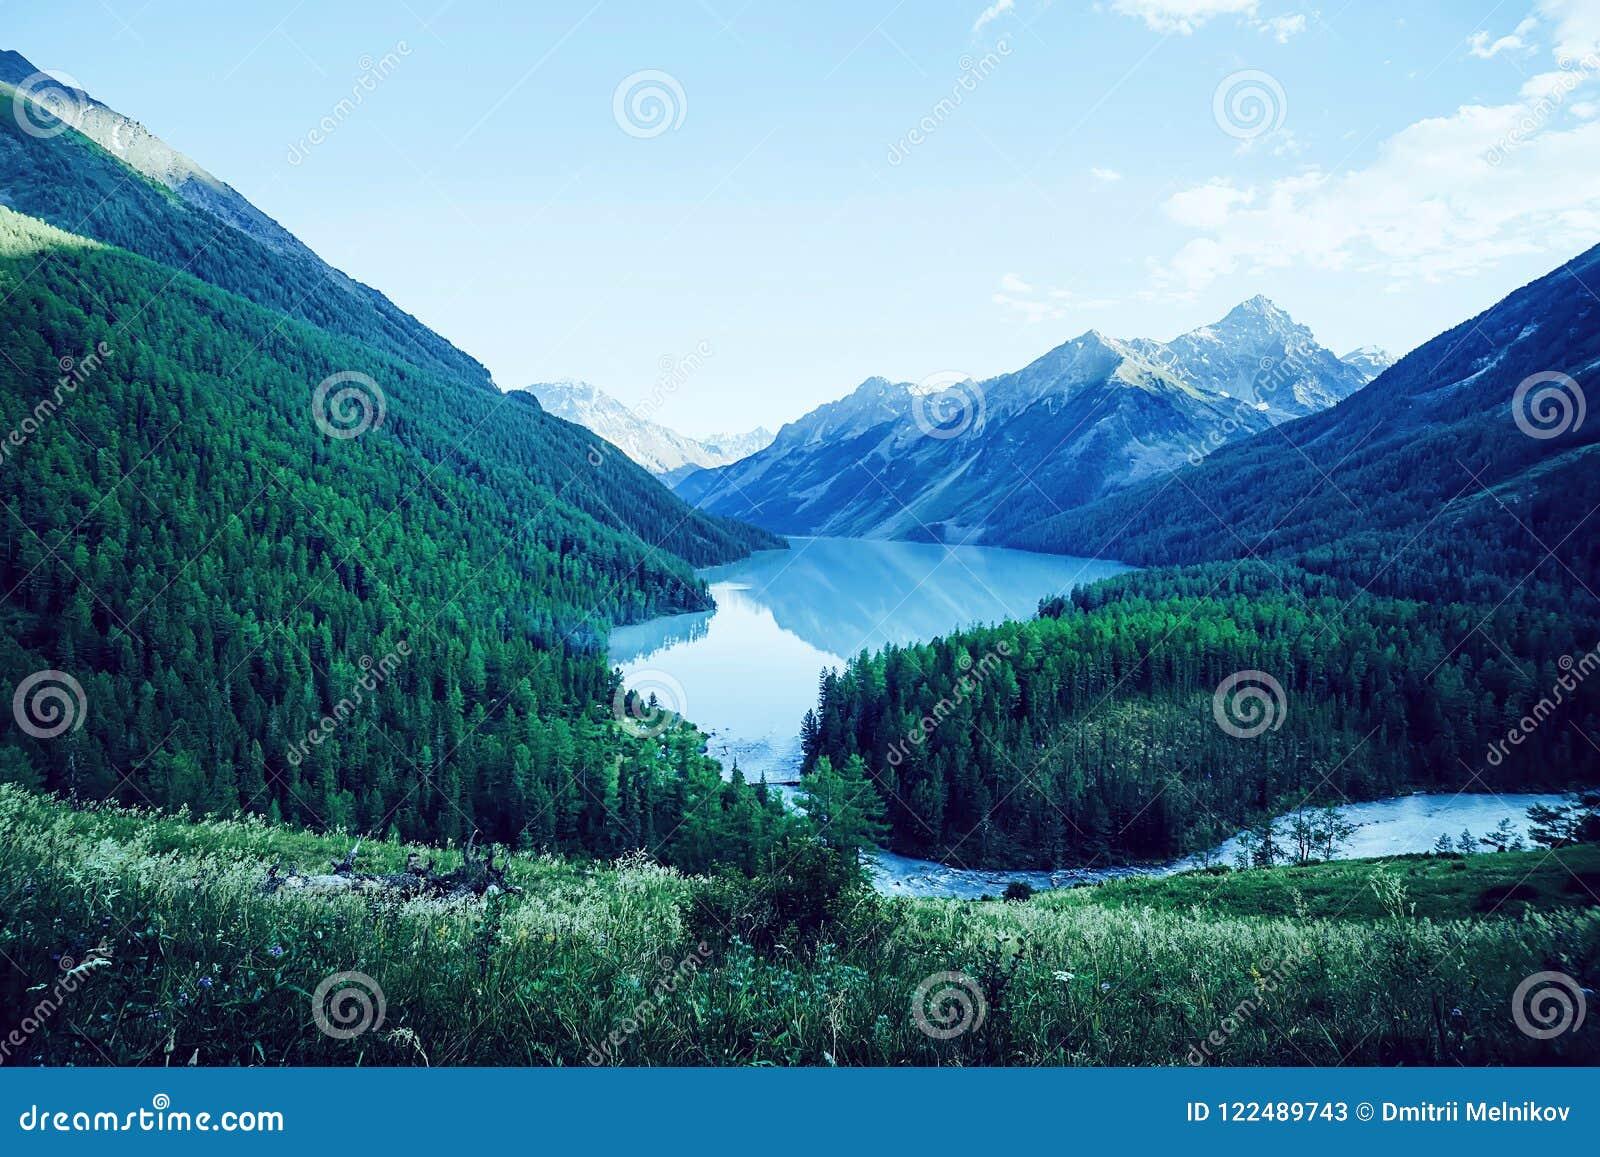 Lago Kucherlinskoe mountain de cima de, Altay, Rússia Montanha bonita com água de turquesa entre as montanhas no taiga